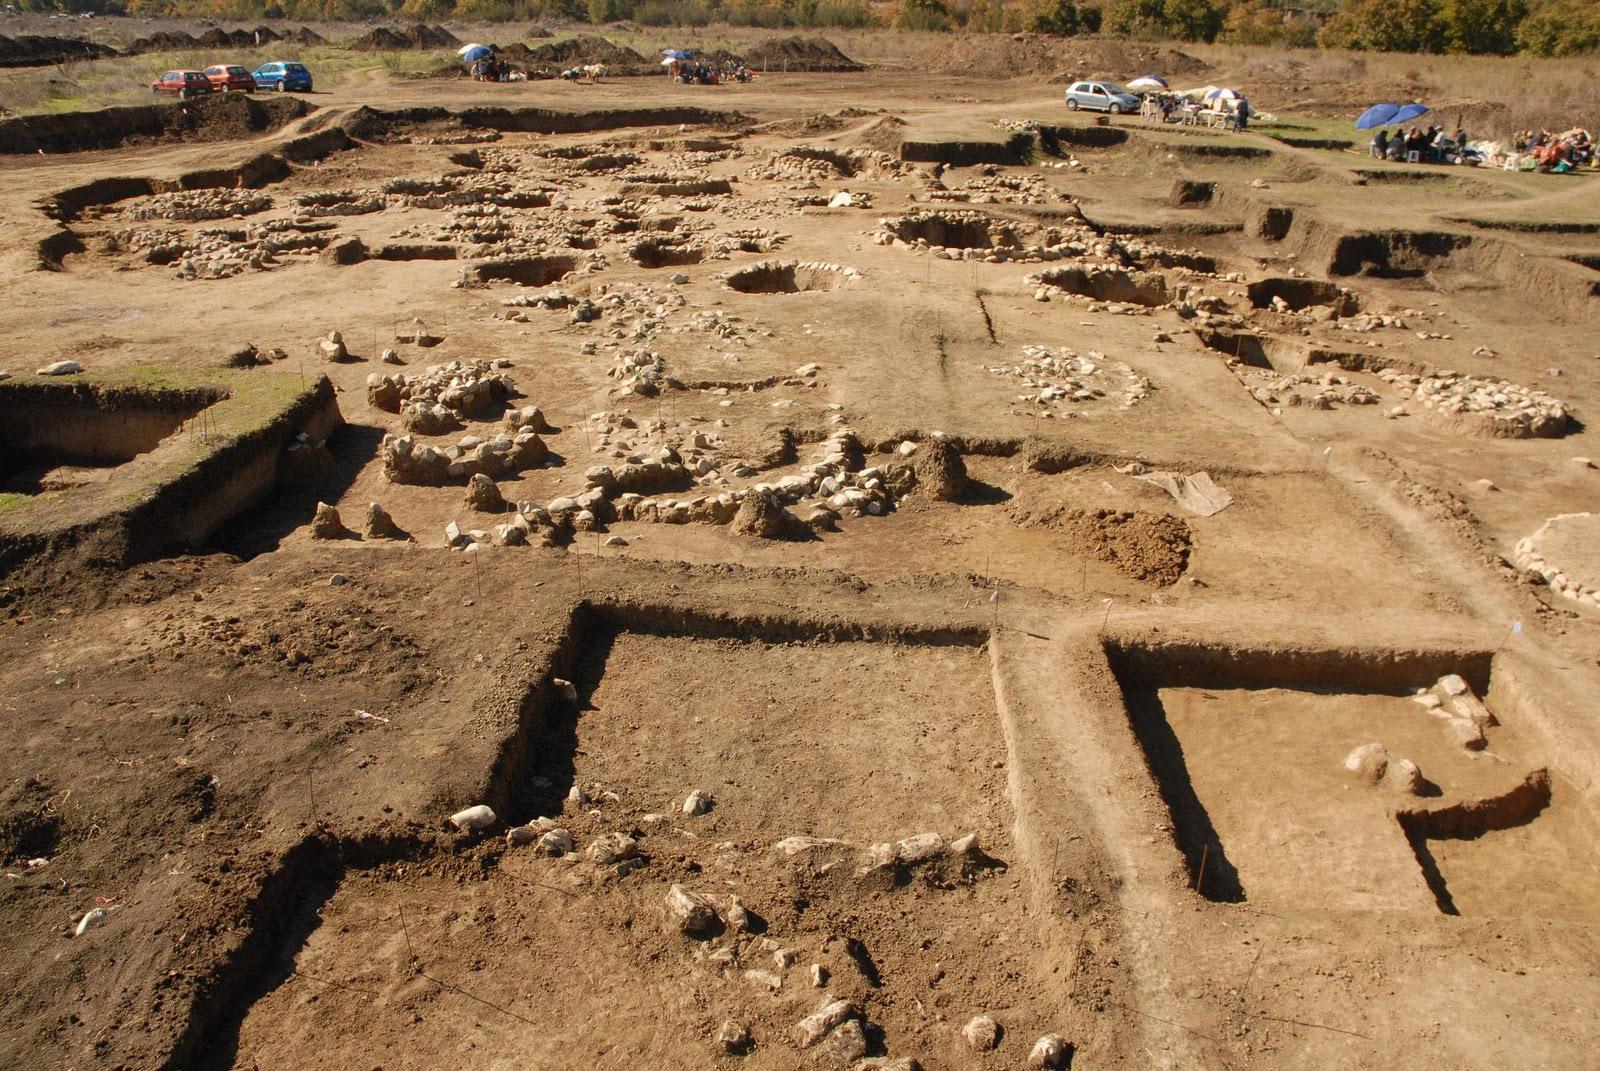 Αρχαιολογικά ευρήματα και μνημεία στο Νομό Κοζάνης